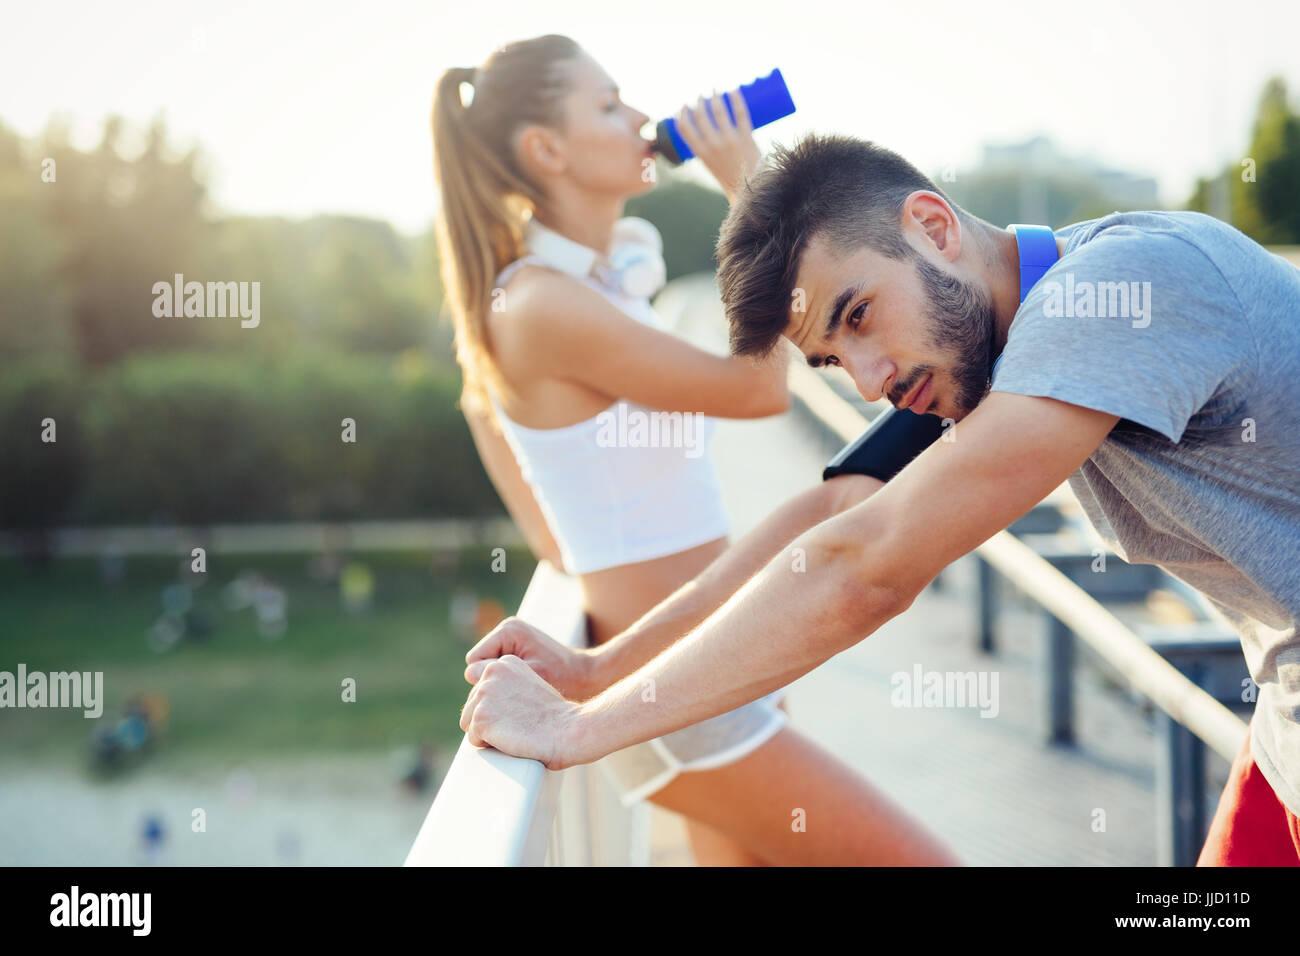 Portrait de l'homme et de la femme pendant les pauses du jogging Photo Stock